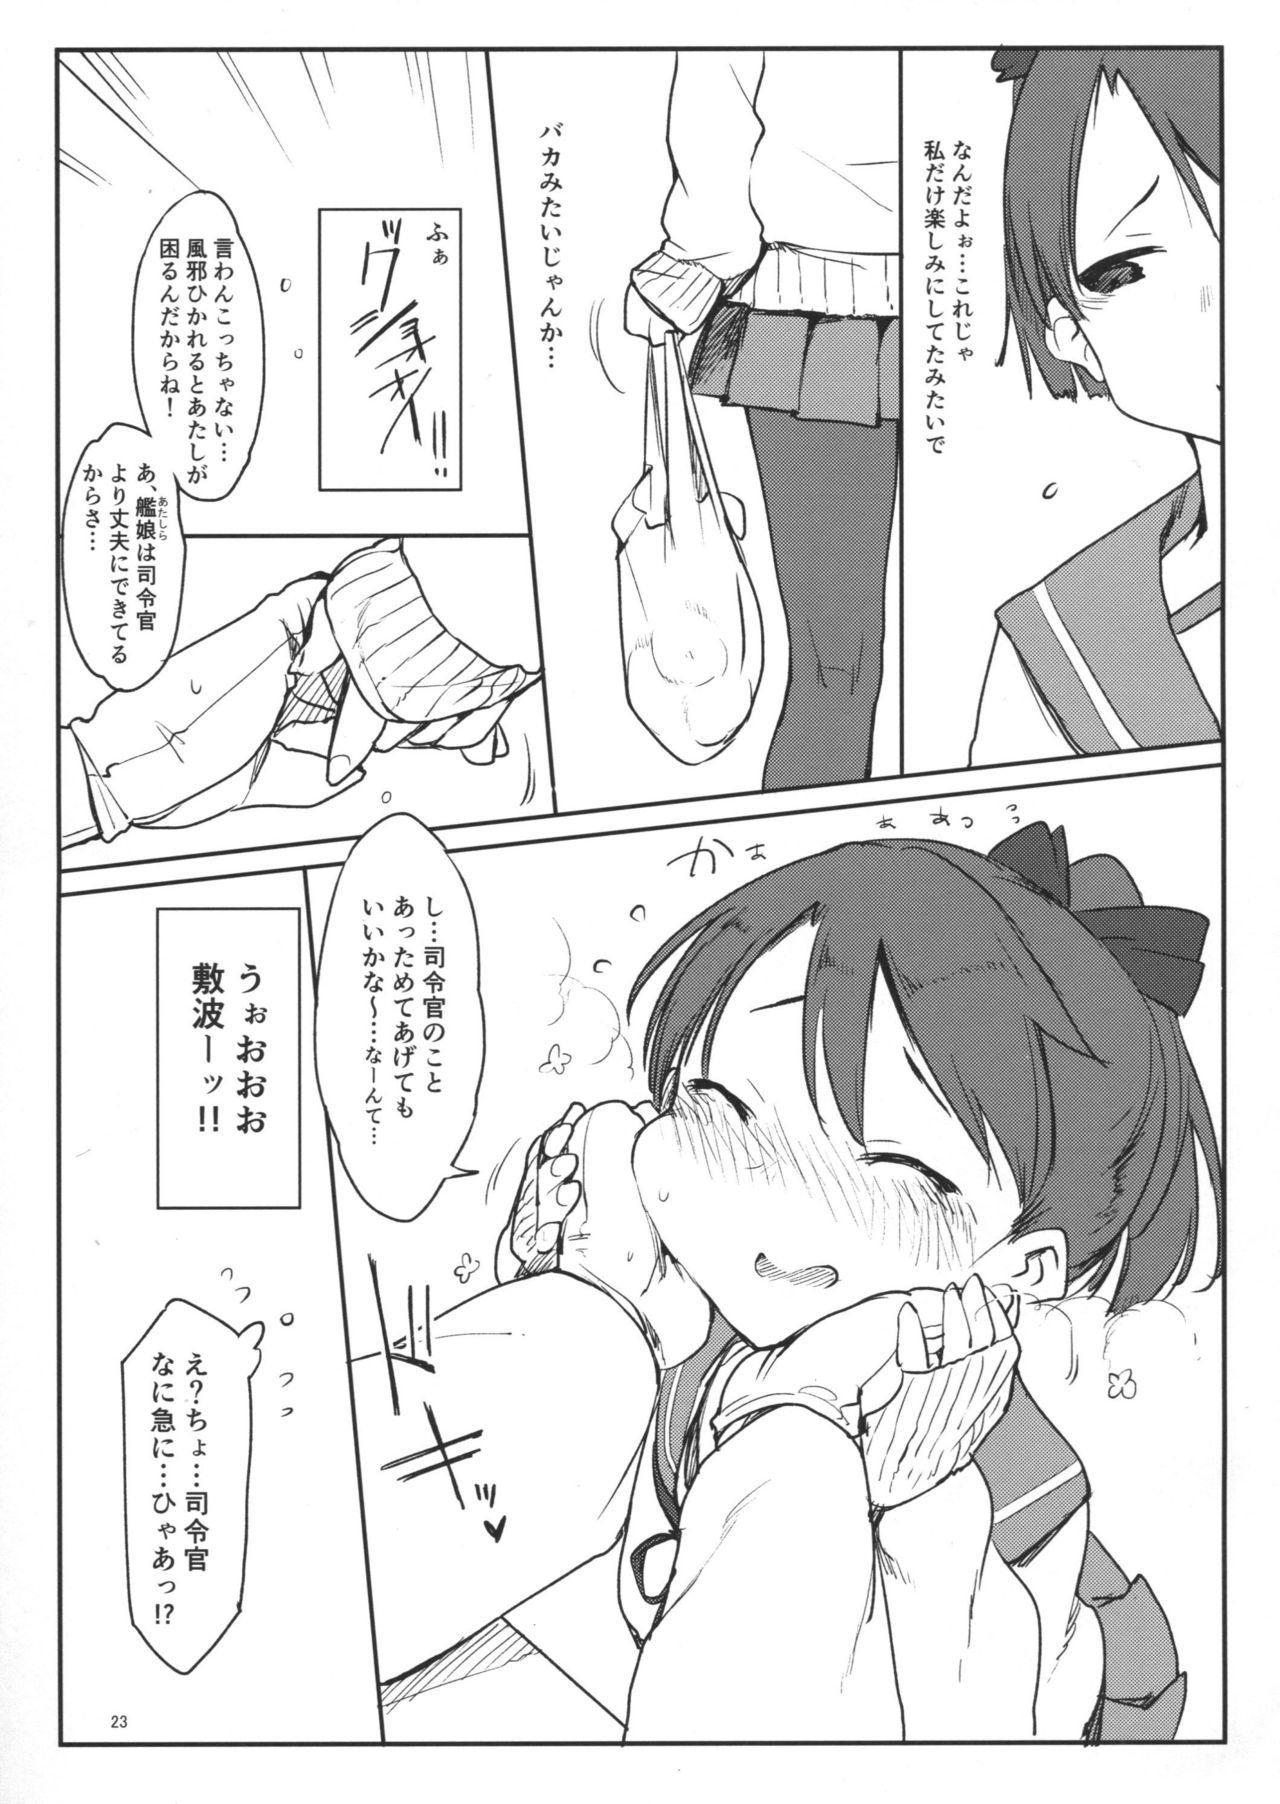 Hentai Selection 21